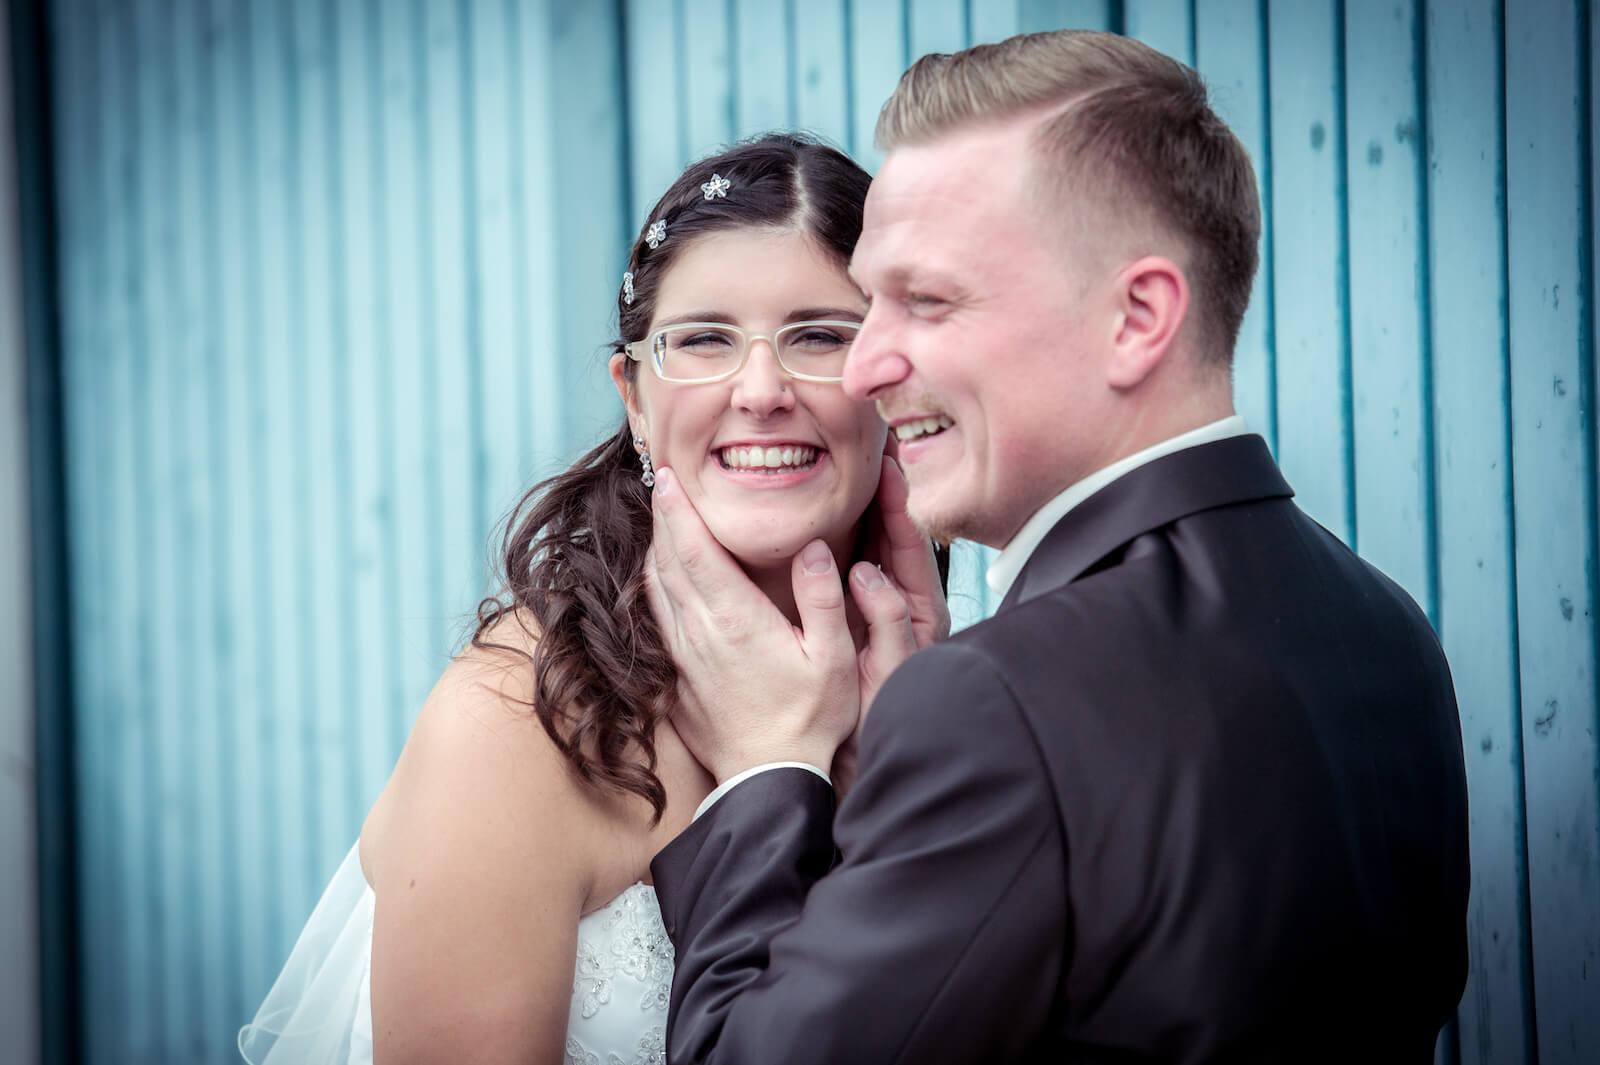 kirchliche Trauung in Landsberg - Brautpaar lachend beim Portraitshooting